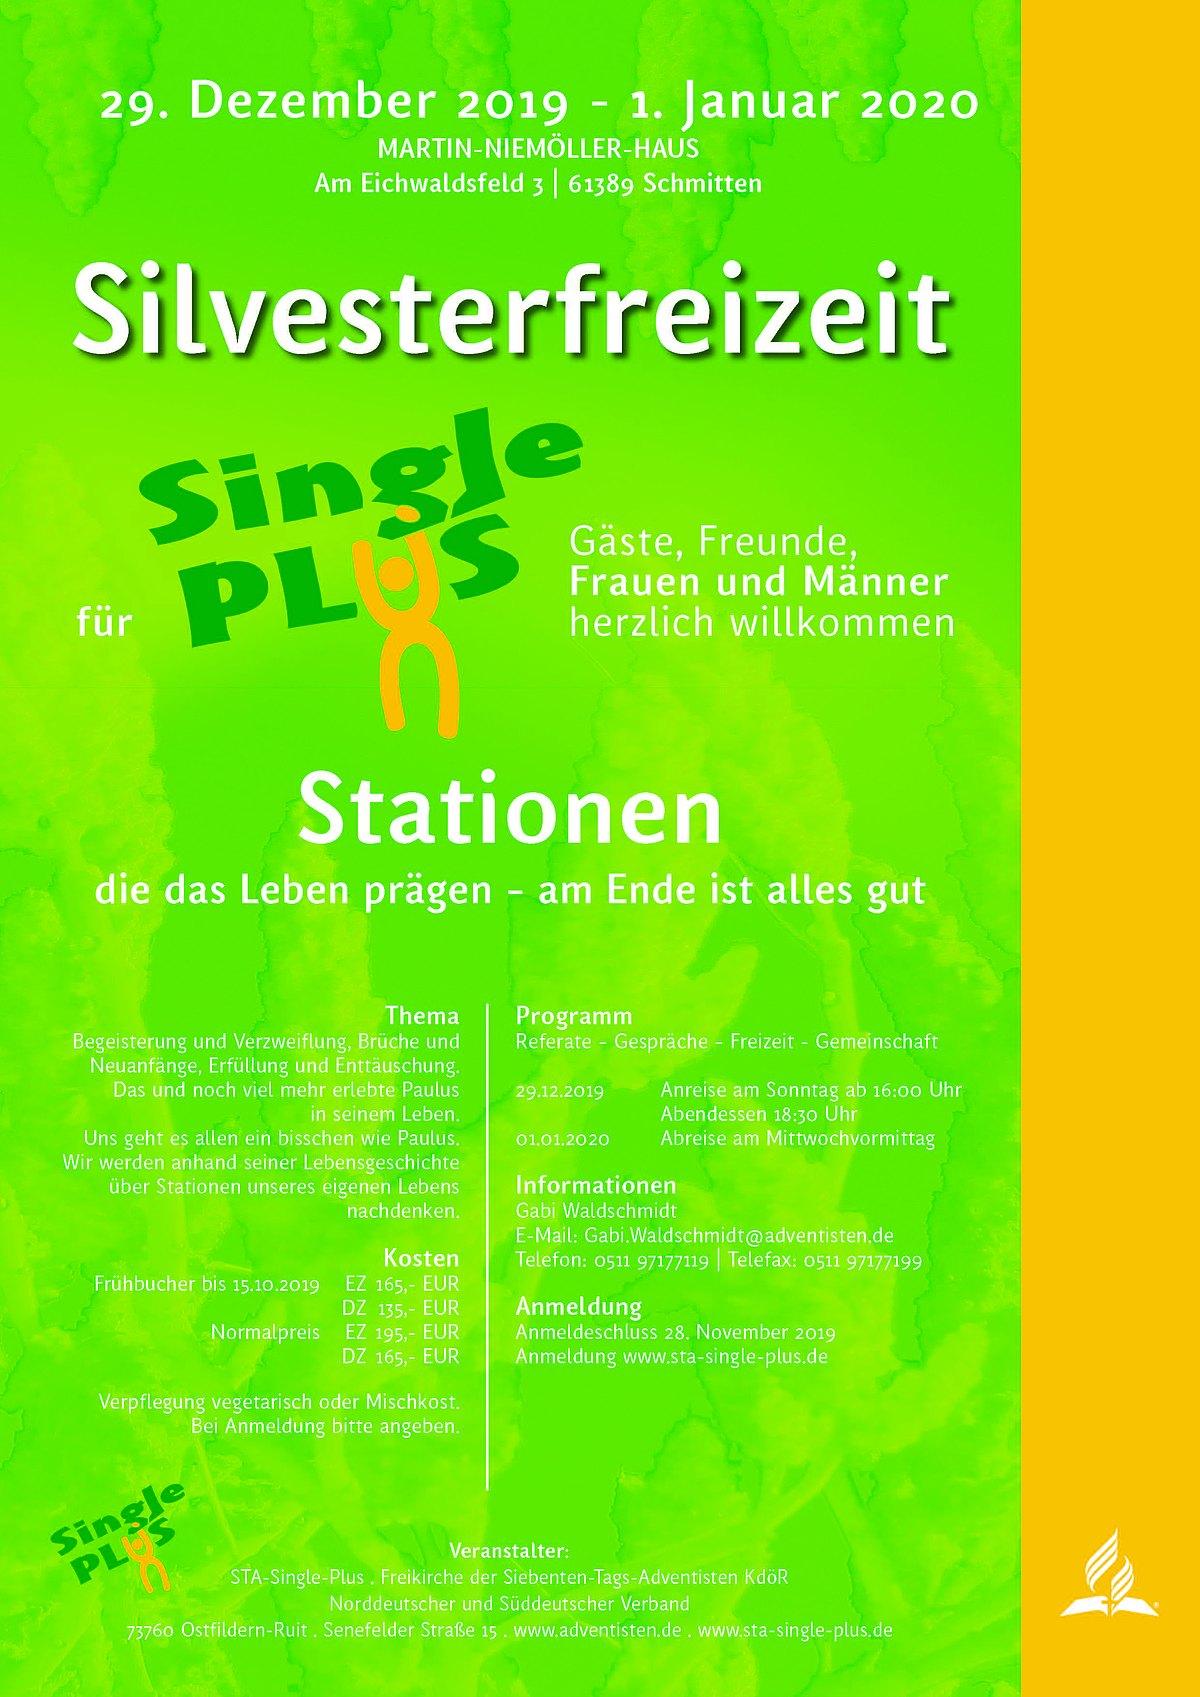 SinglePlus_Silvester_A4_Plakat.jpg